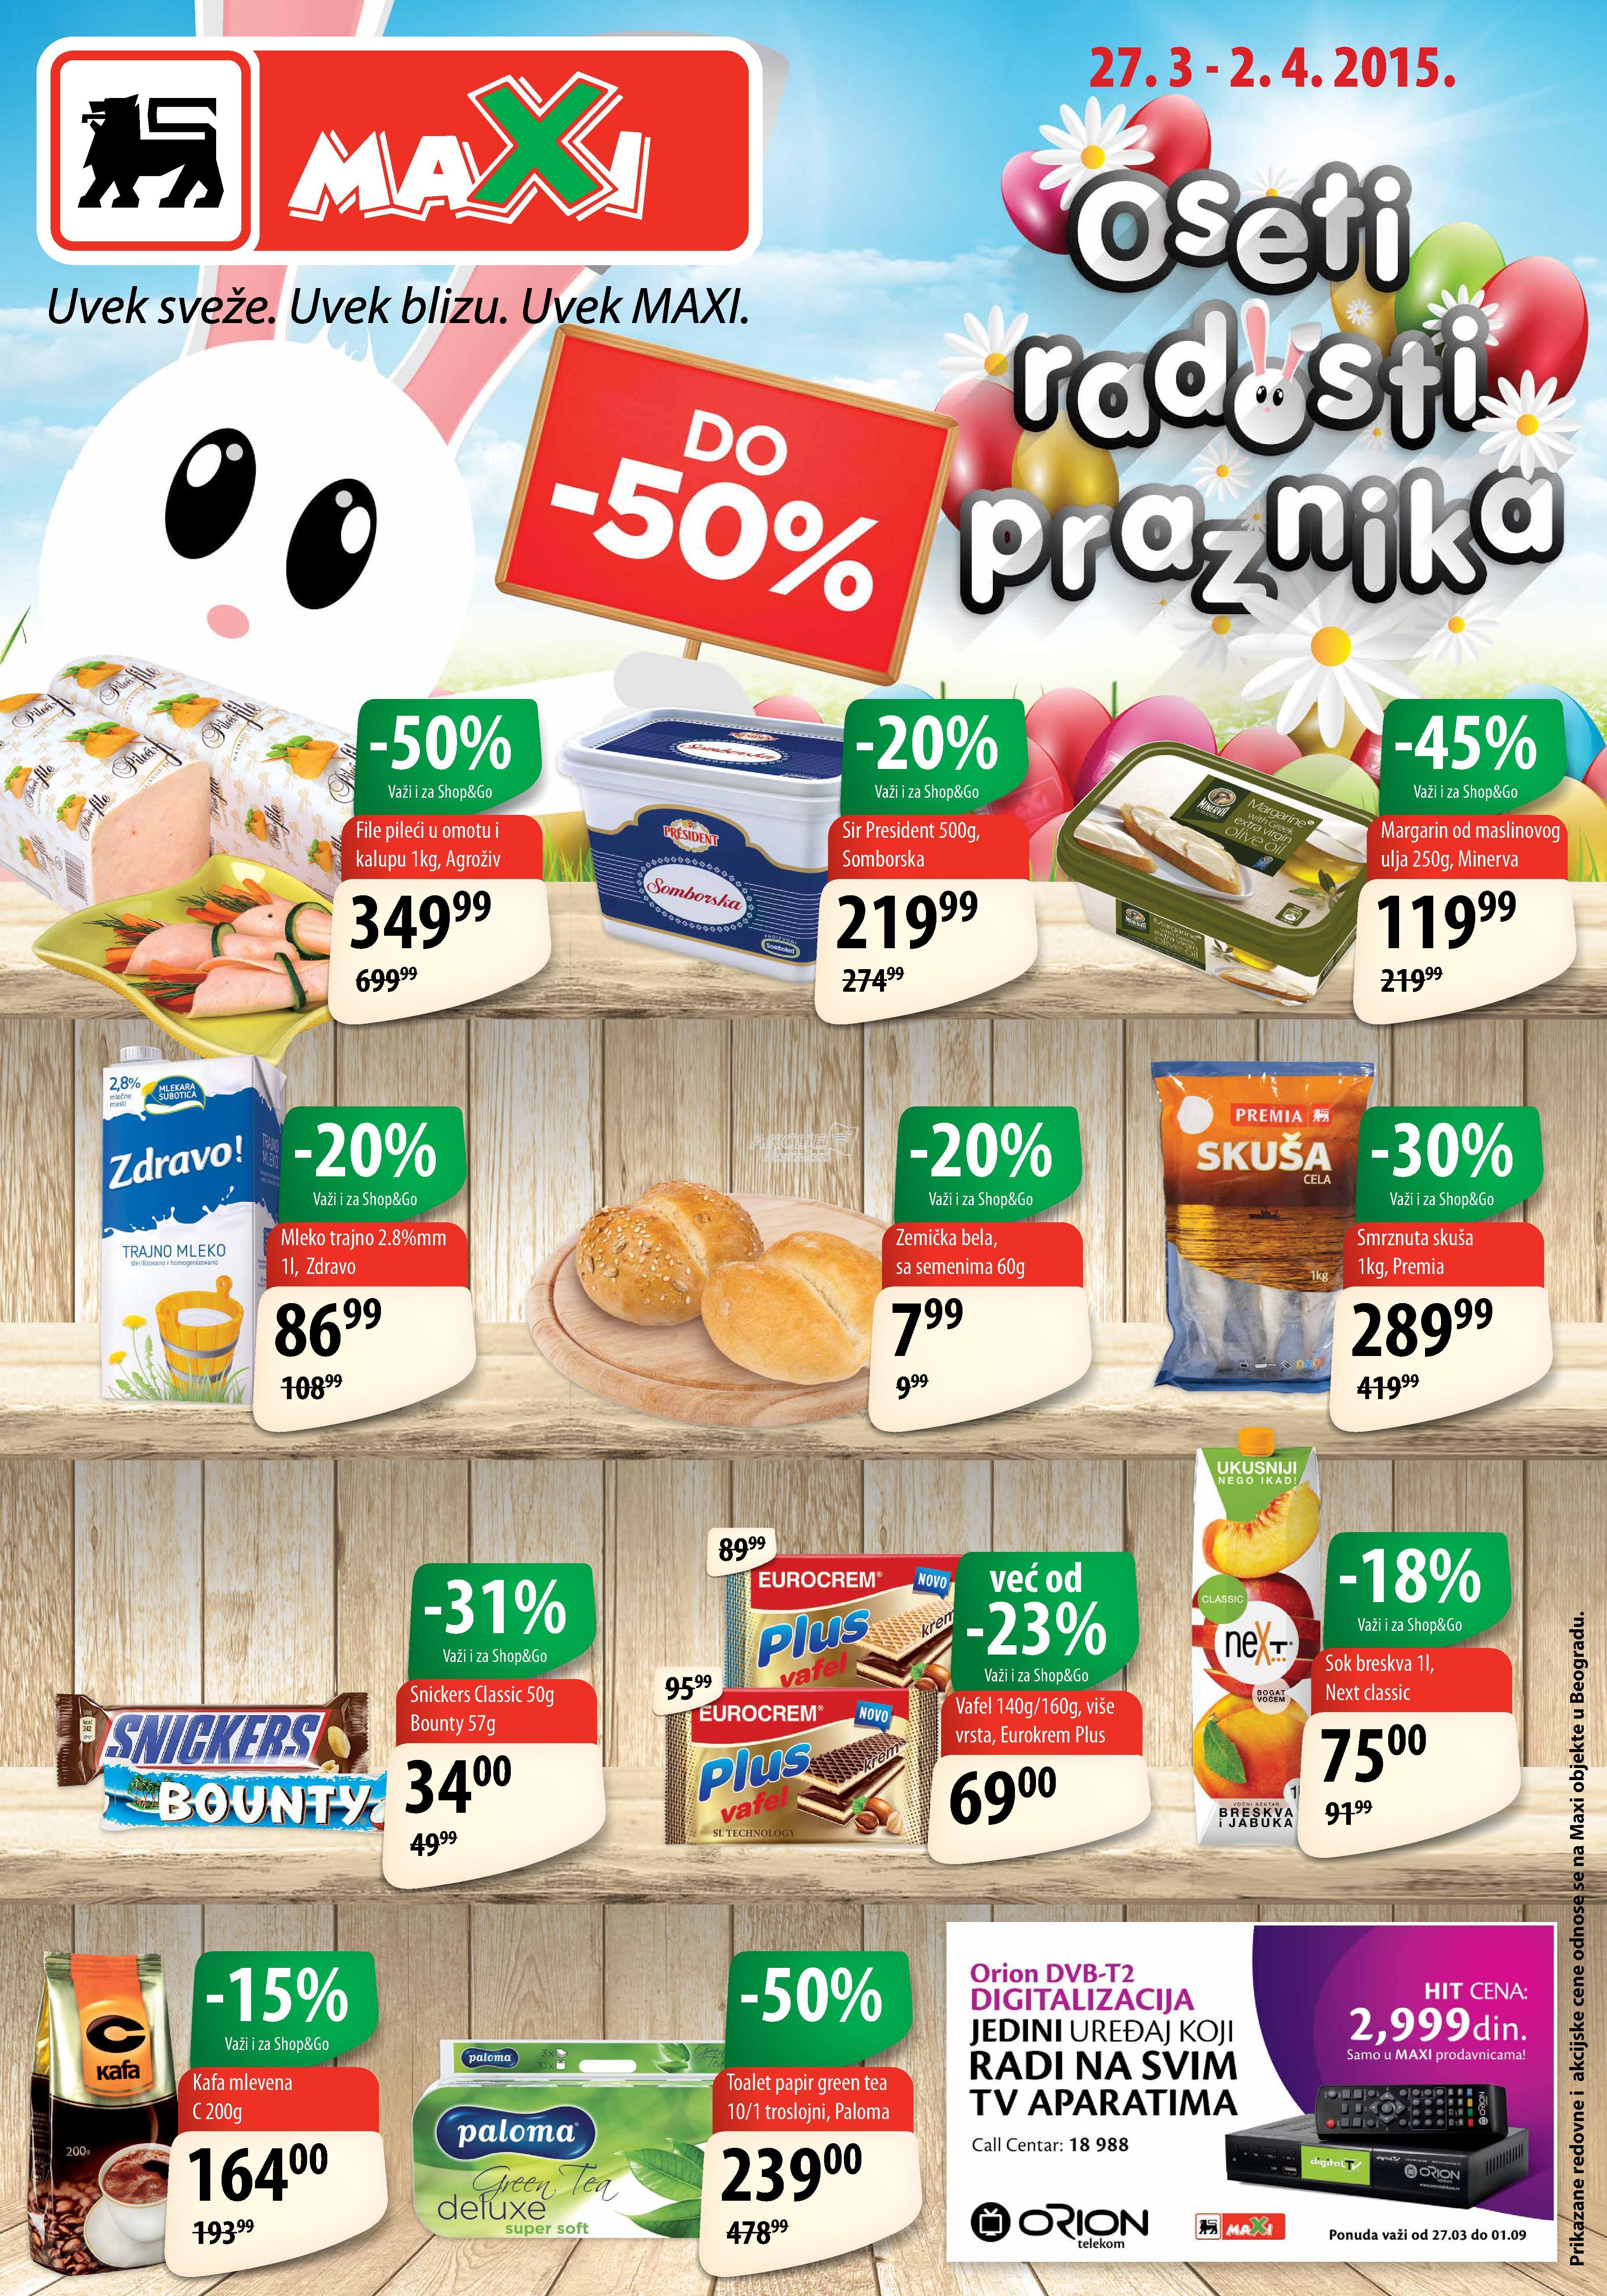 Maxi - Redovna akcija nedelja super kupovine